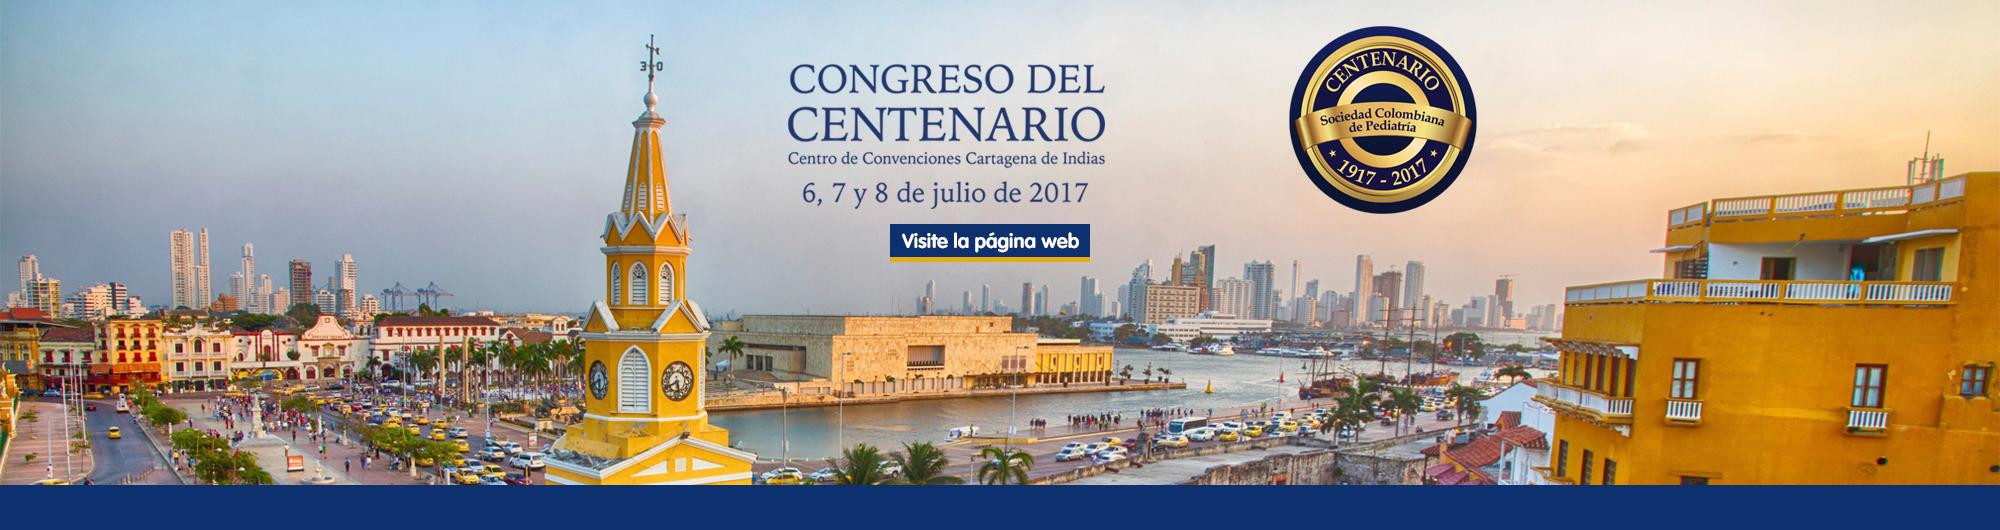 centenario_2017